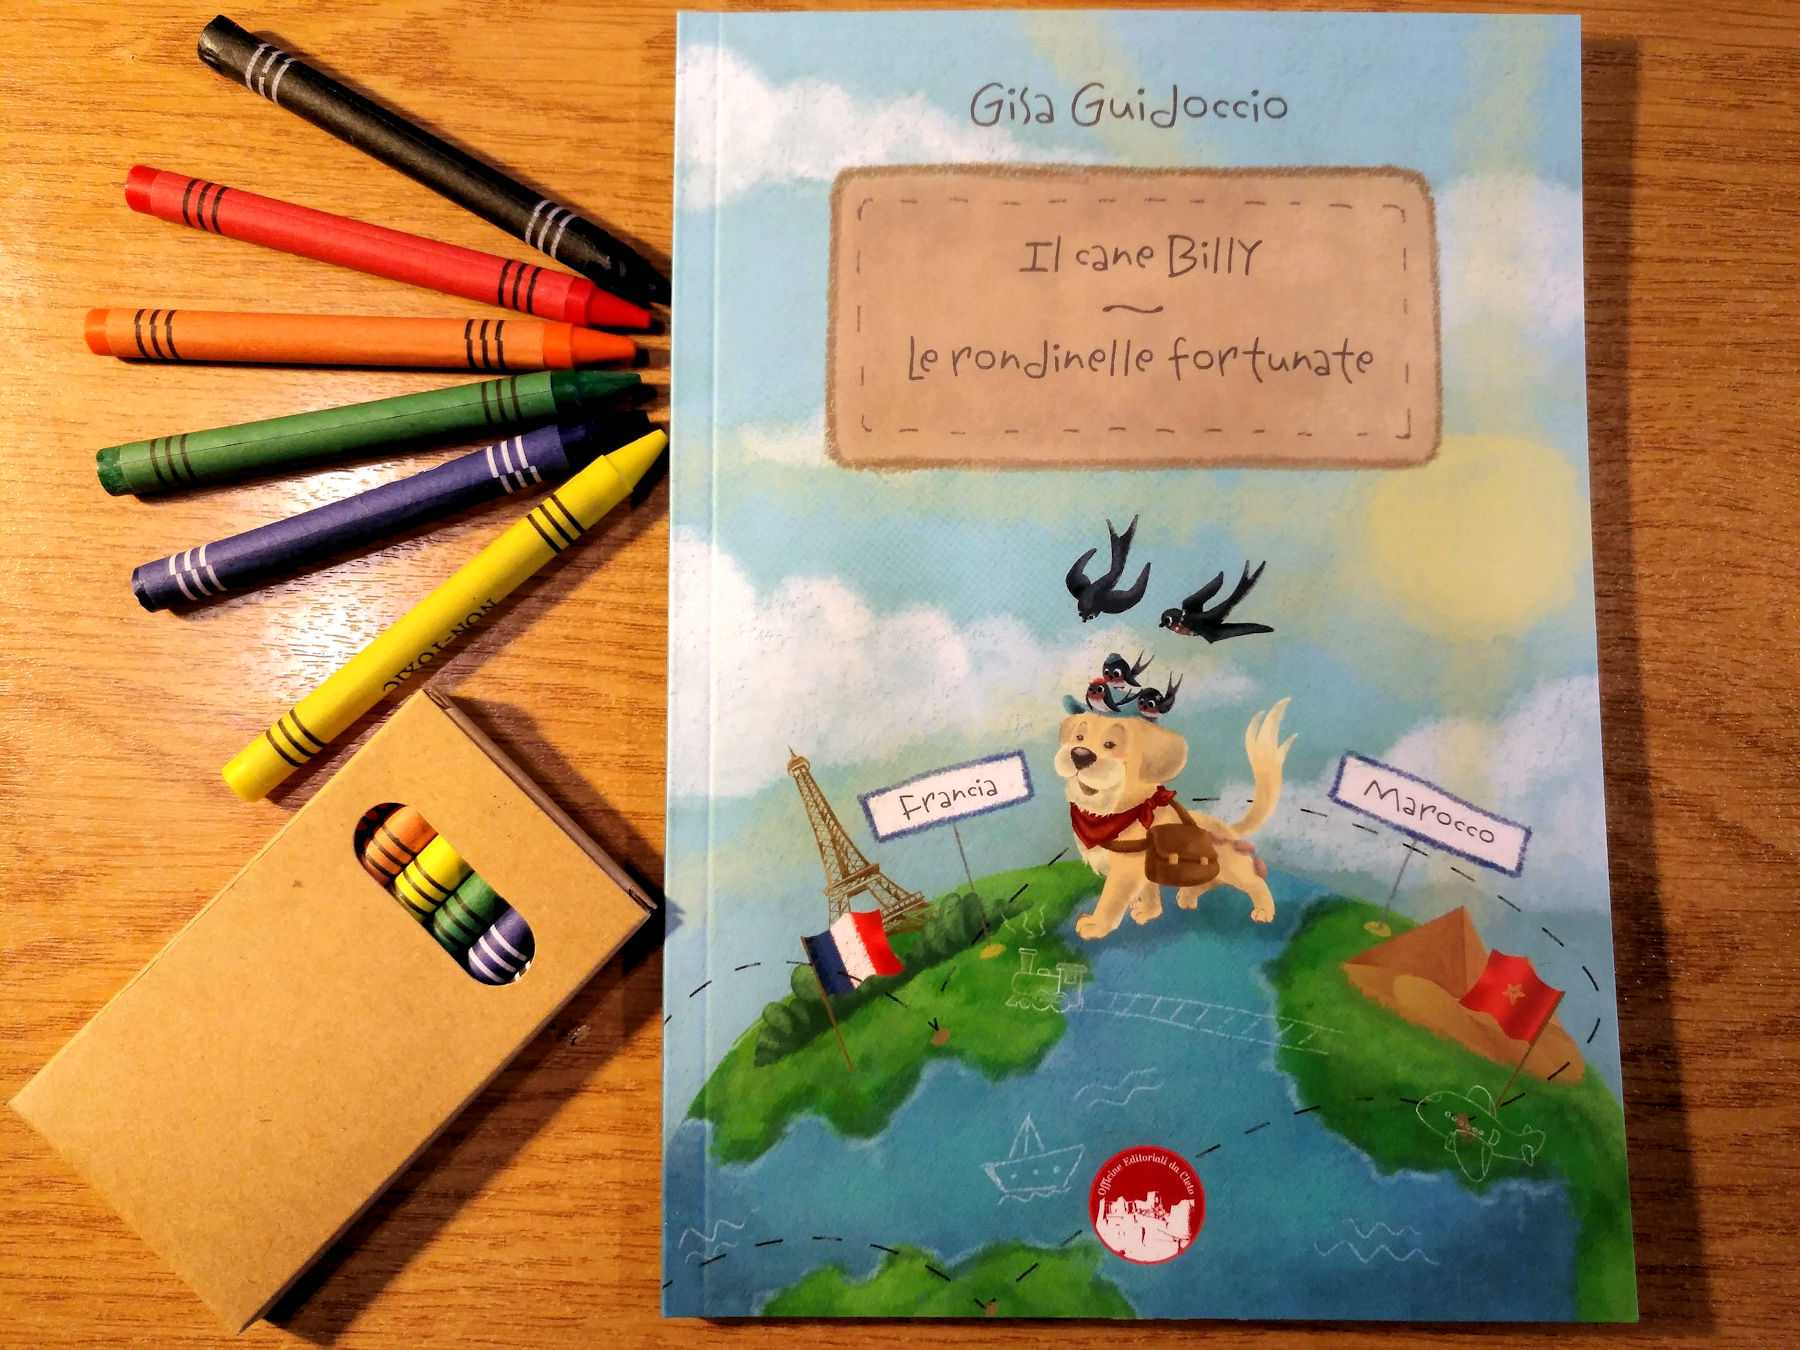 La copertina del libro di Gisa Guidoccio Il cane Billy - Le rondinelle fortunate